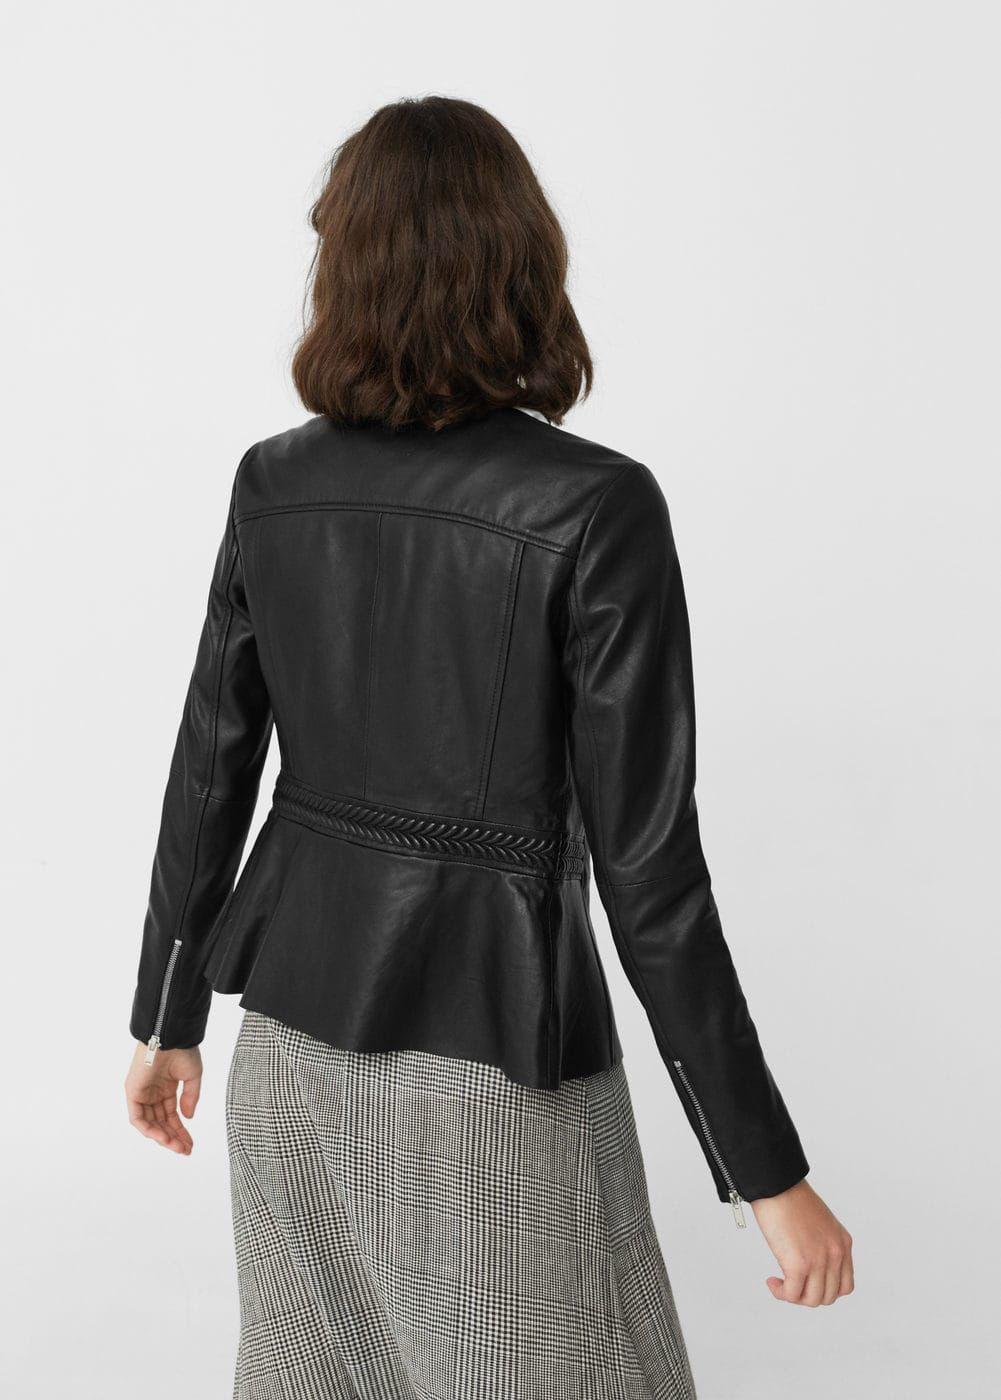 Lederjacke Manteau, Cuir, Veste En Cuir, Vêtements, Style, Mode, Vestes 9c93015f7c78